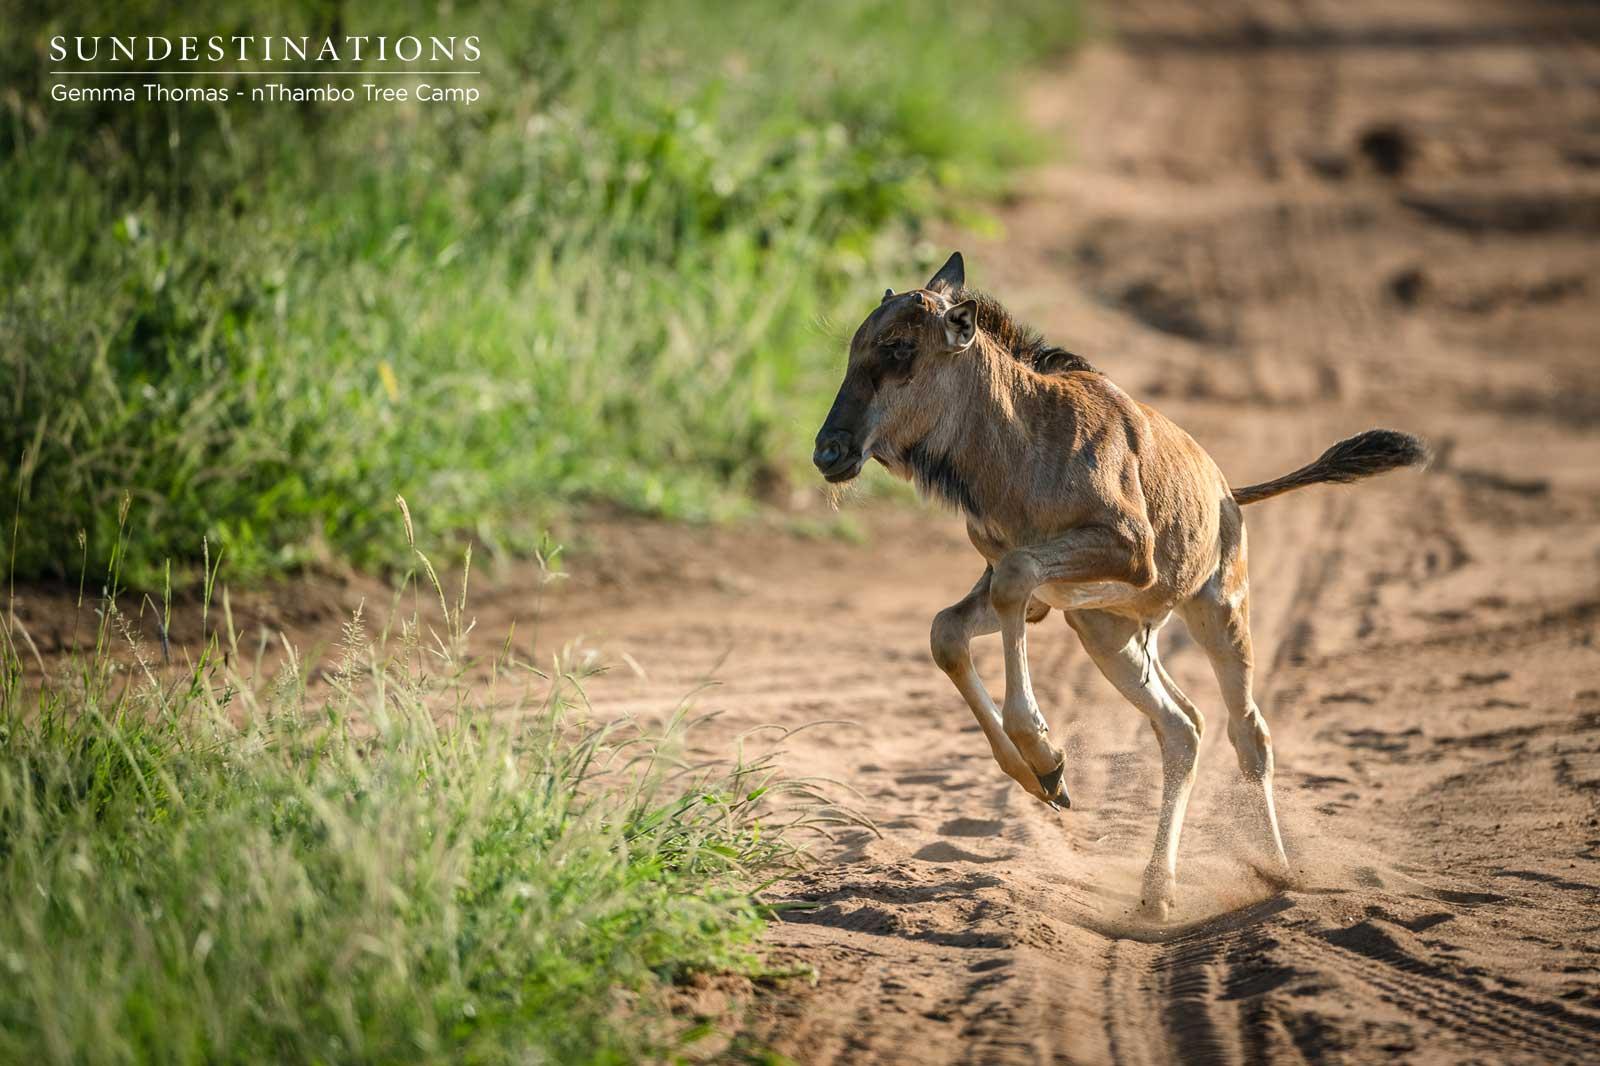 Wildebeest Calf in Action